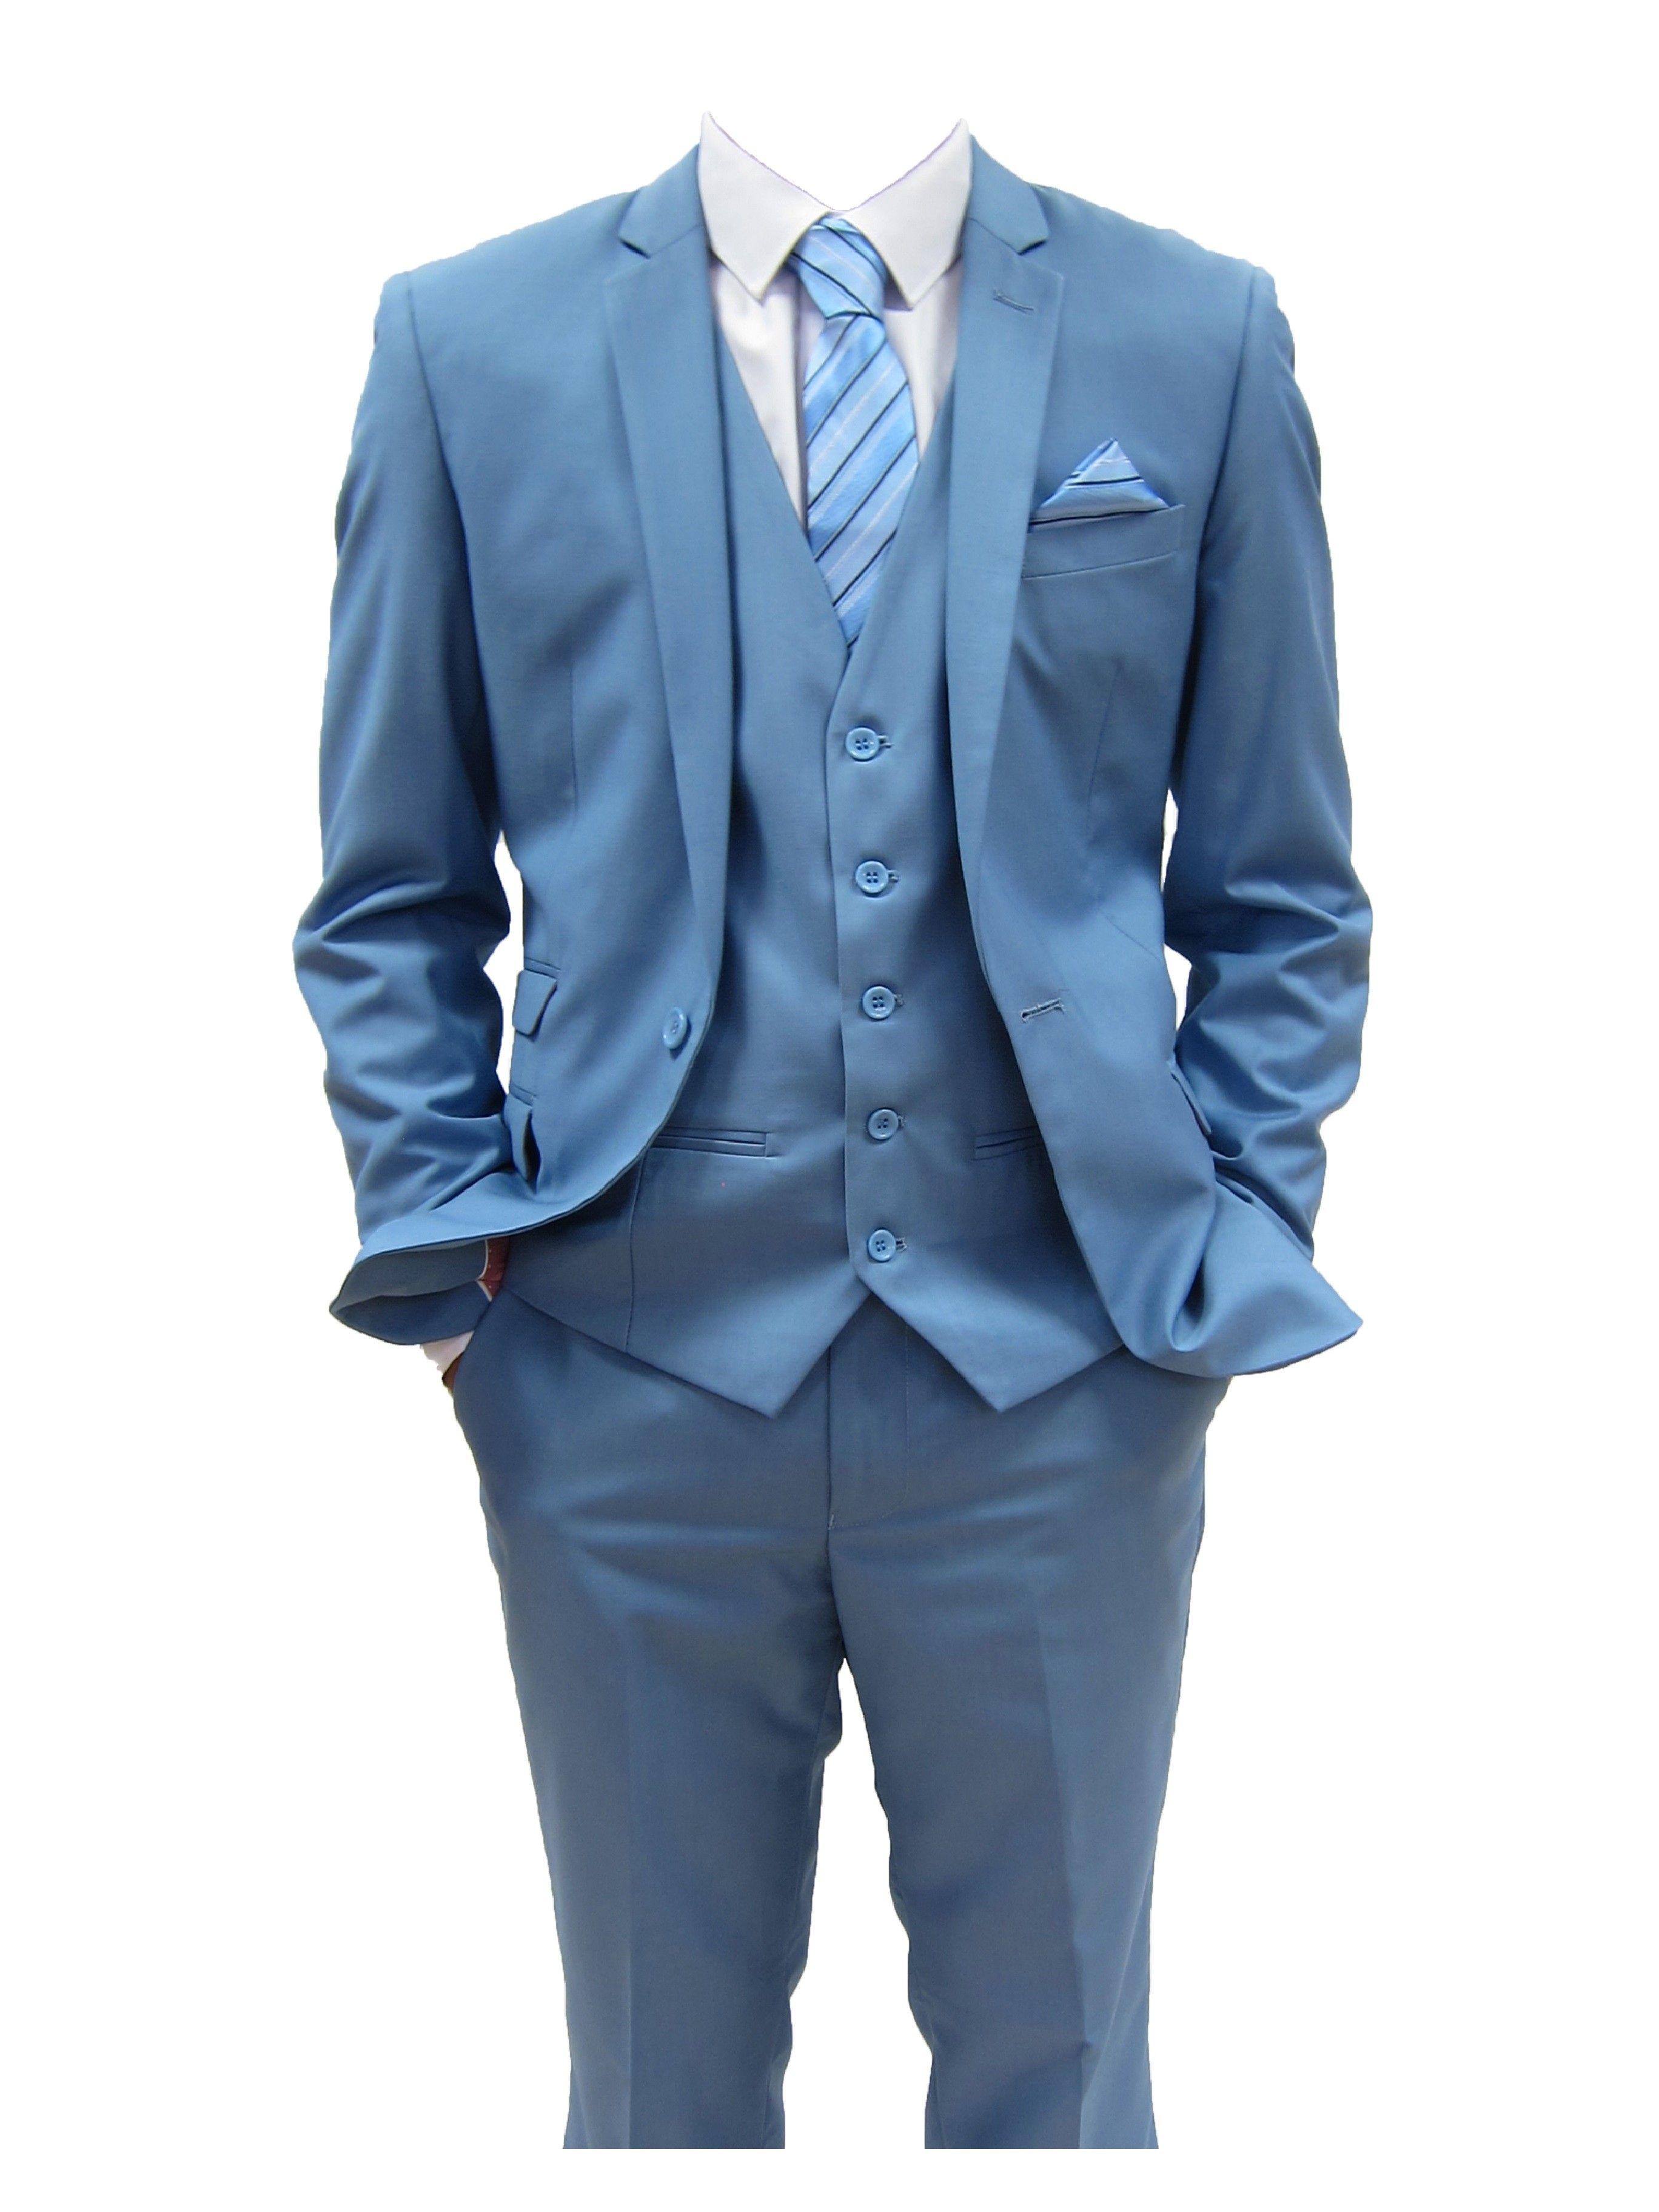 Mens designer Sky Blue Three Piece Suit (Rex) | Clothes | Pinterest ...